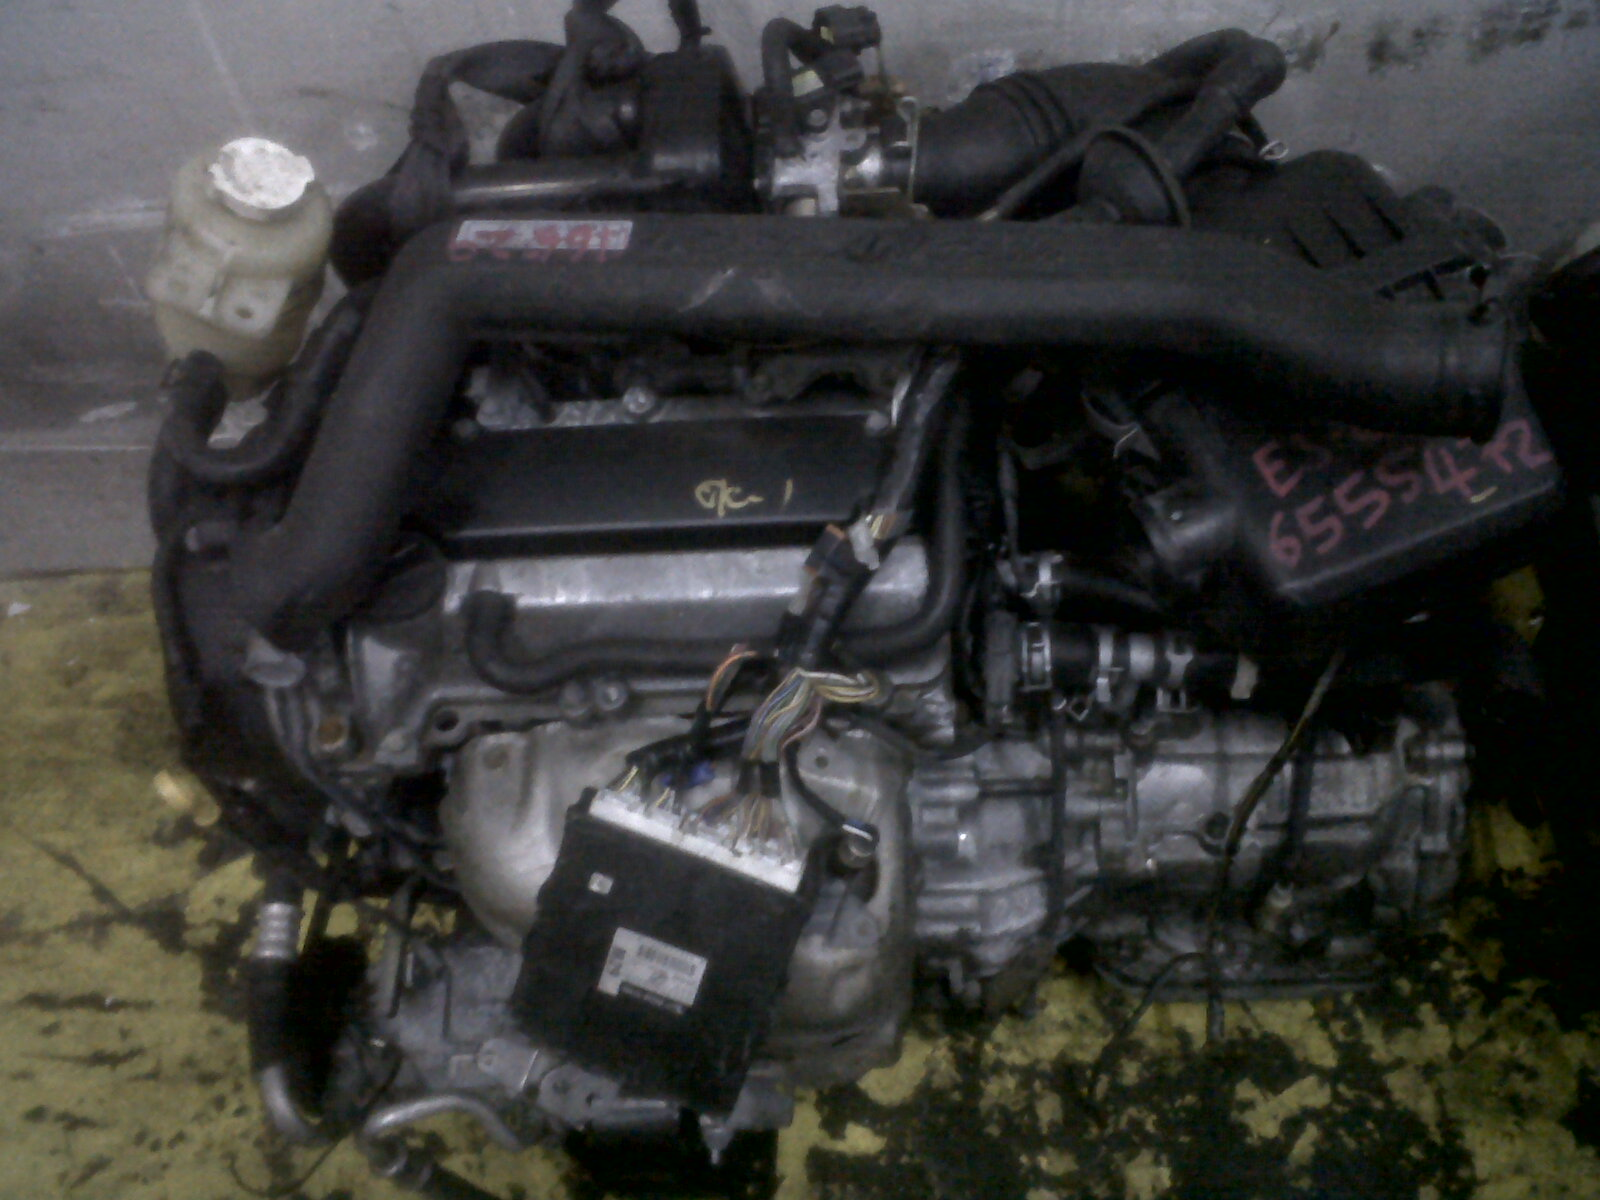 medium resolution of wiring kelisa wiring image wiring diagram yik autoparts performance kenari kelisa 1000cc engine gear box on